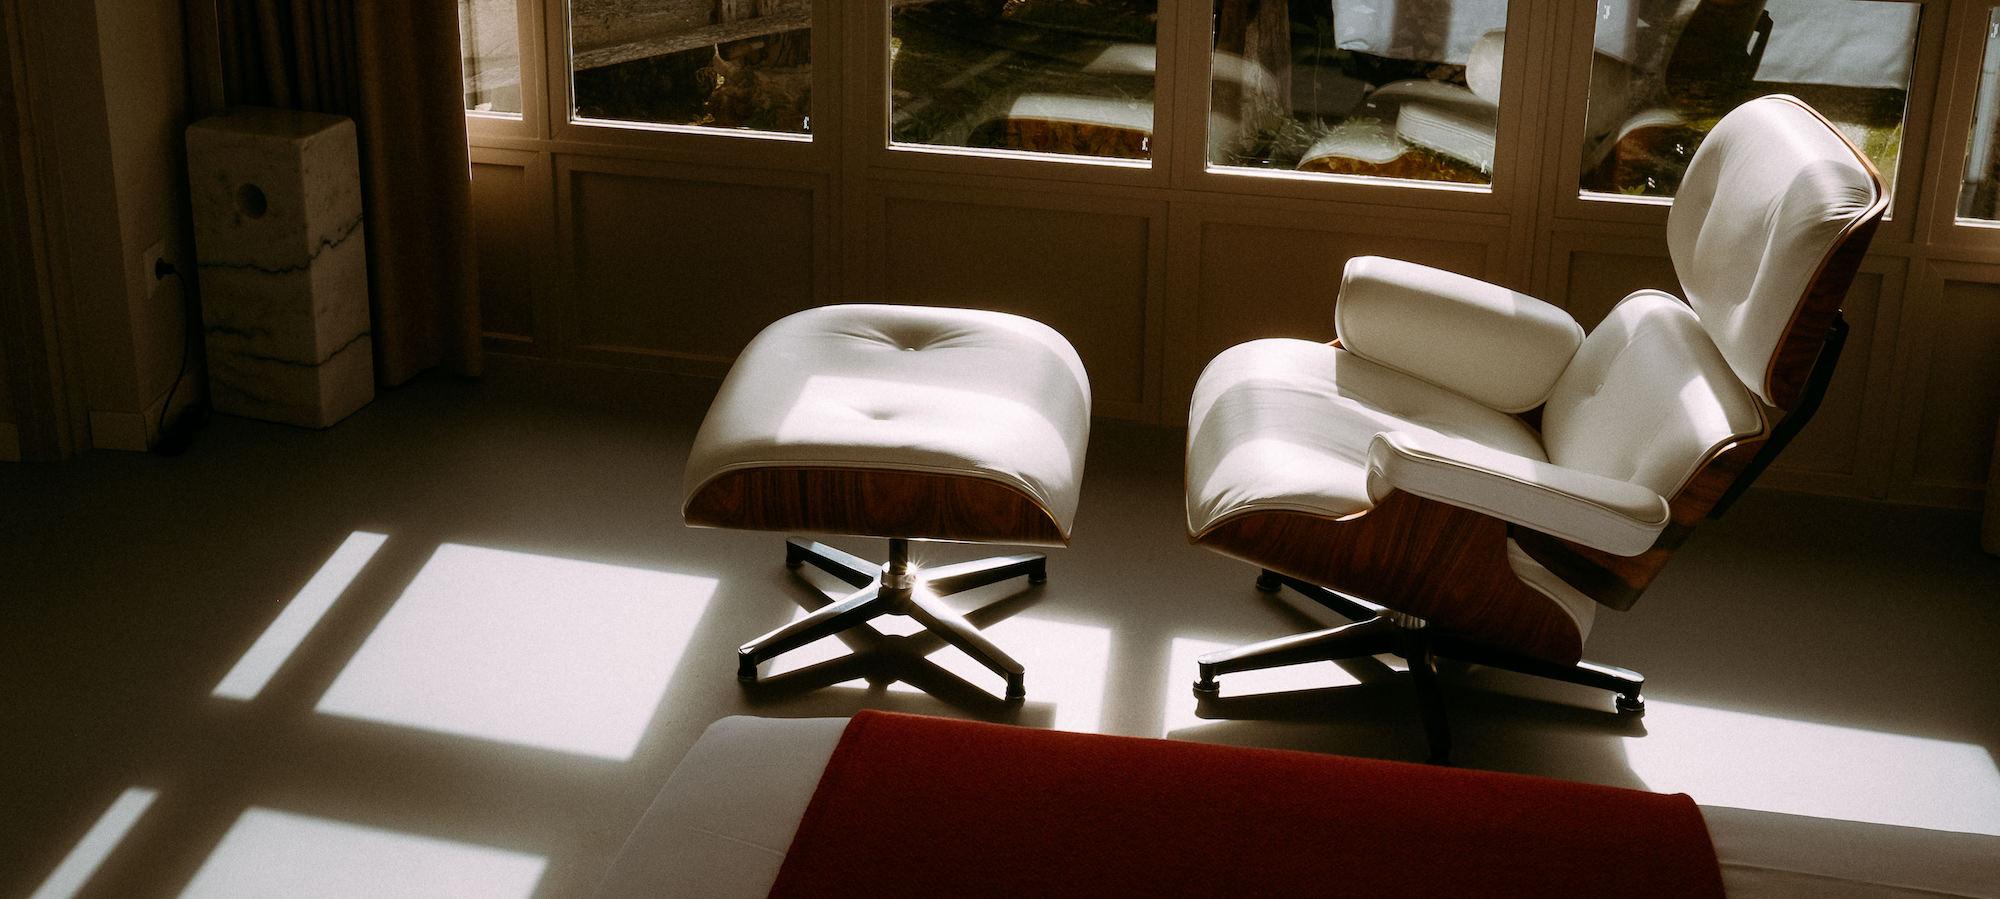 el gran sueño habitación galería charles eames lounge chair